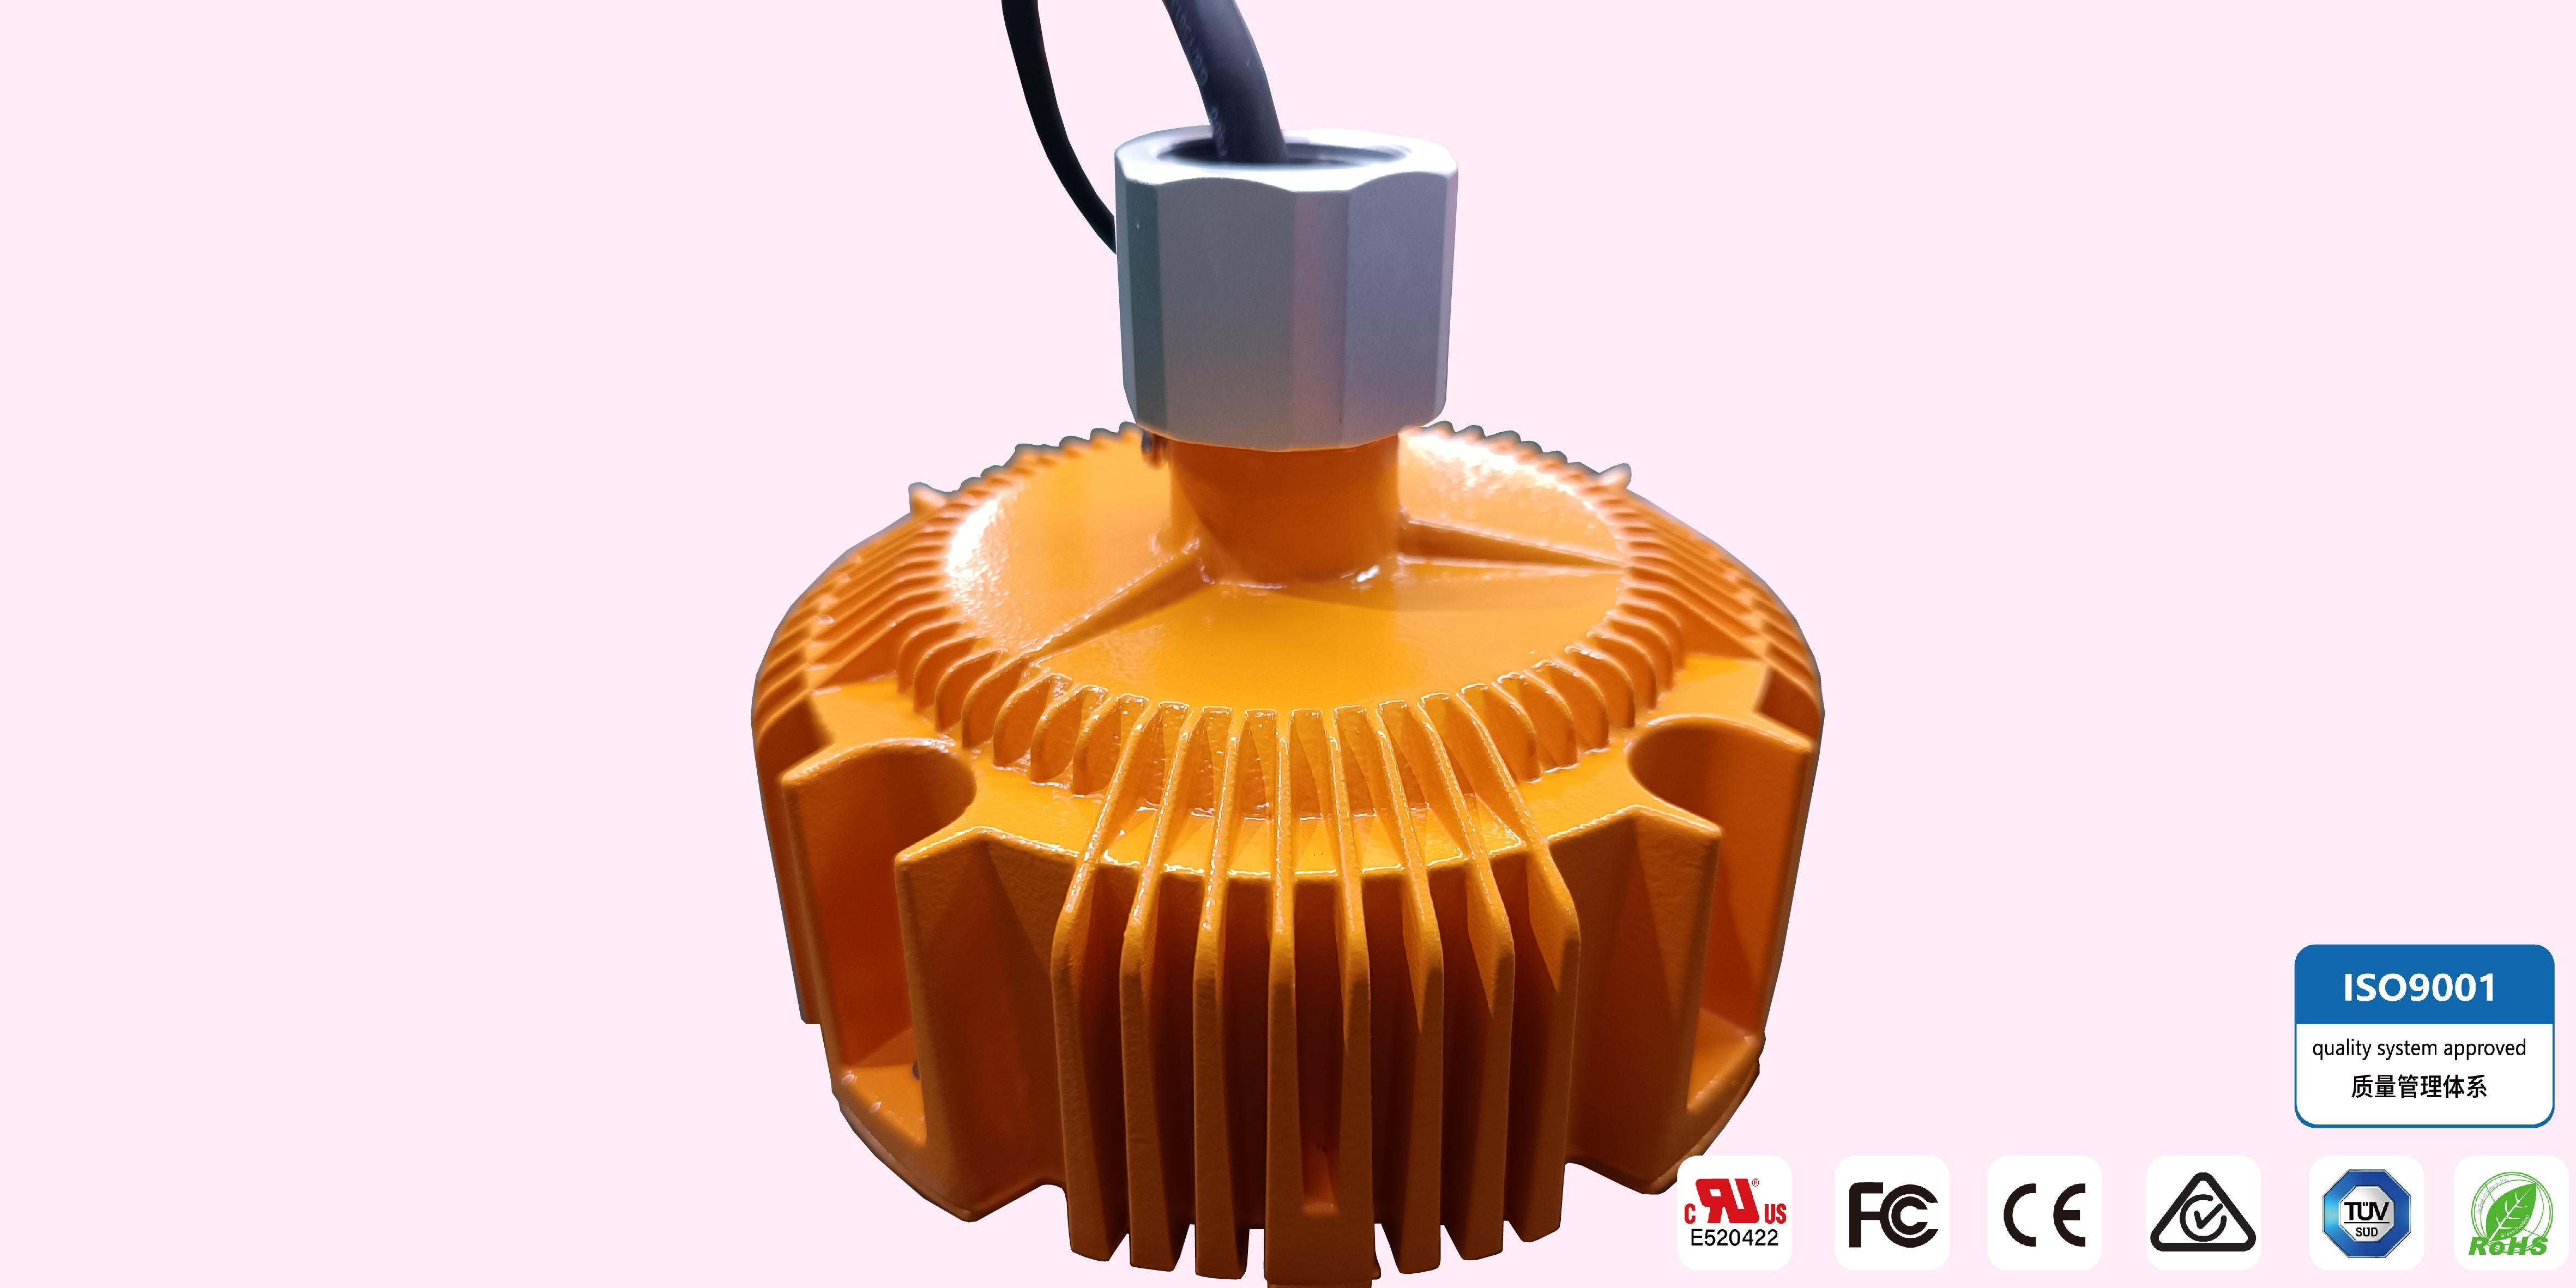 浅析LED驱动电源技术的发展趋势